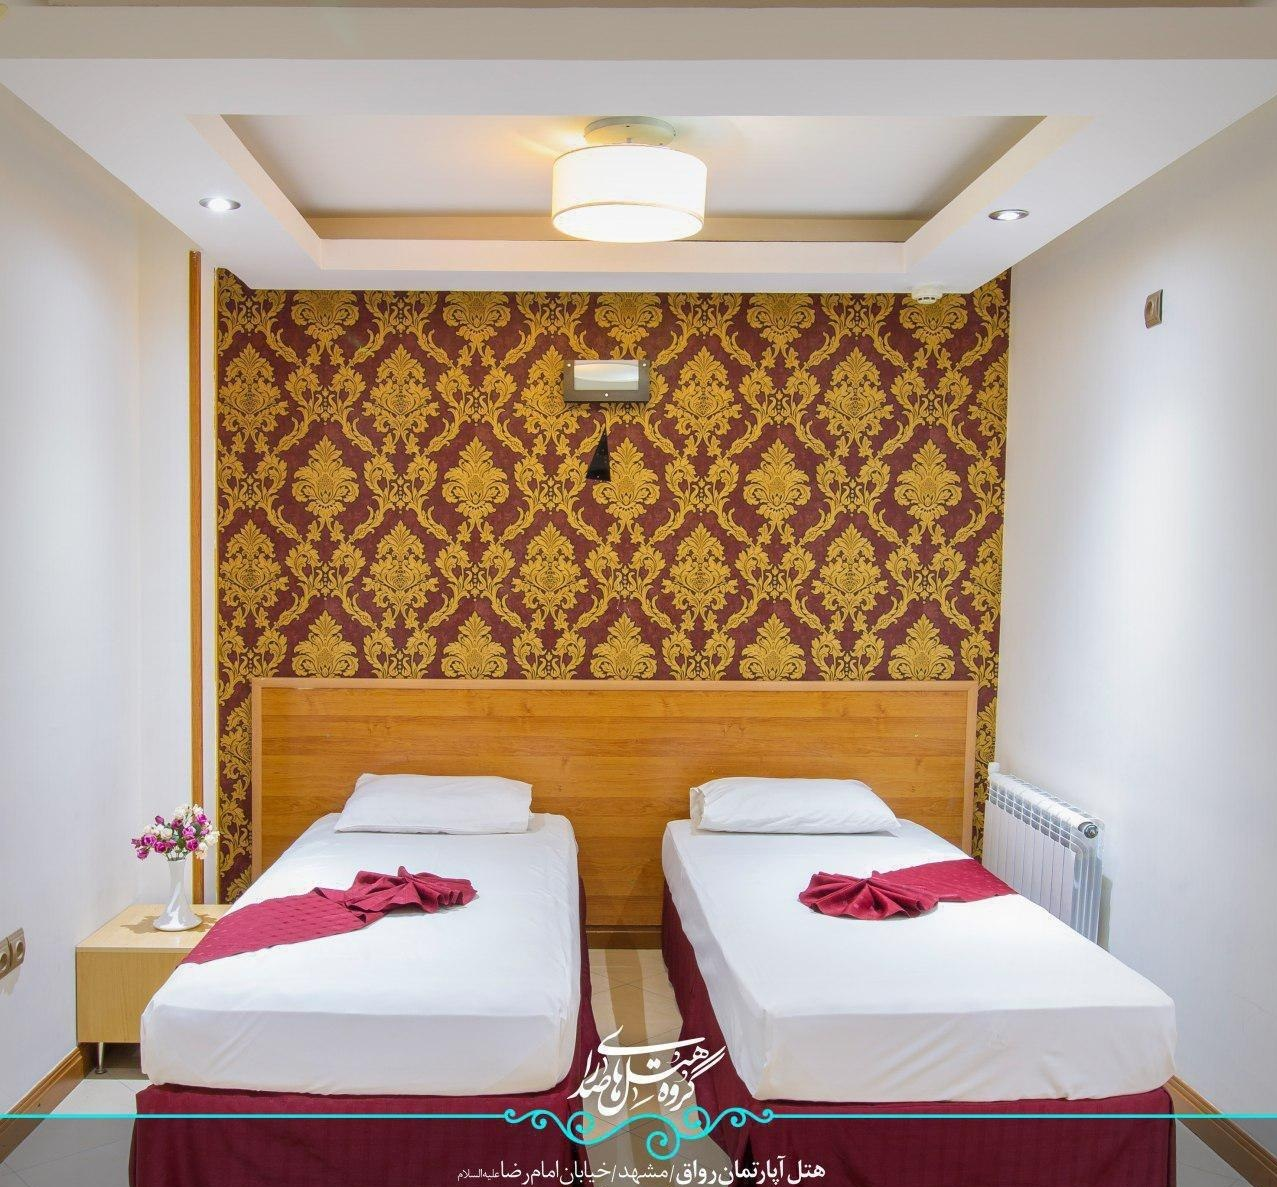 اتاق های هتل رواق مشهد